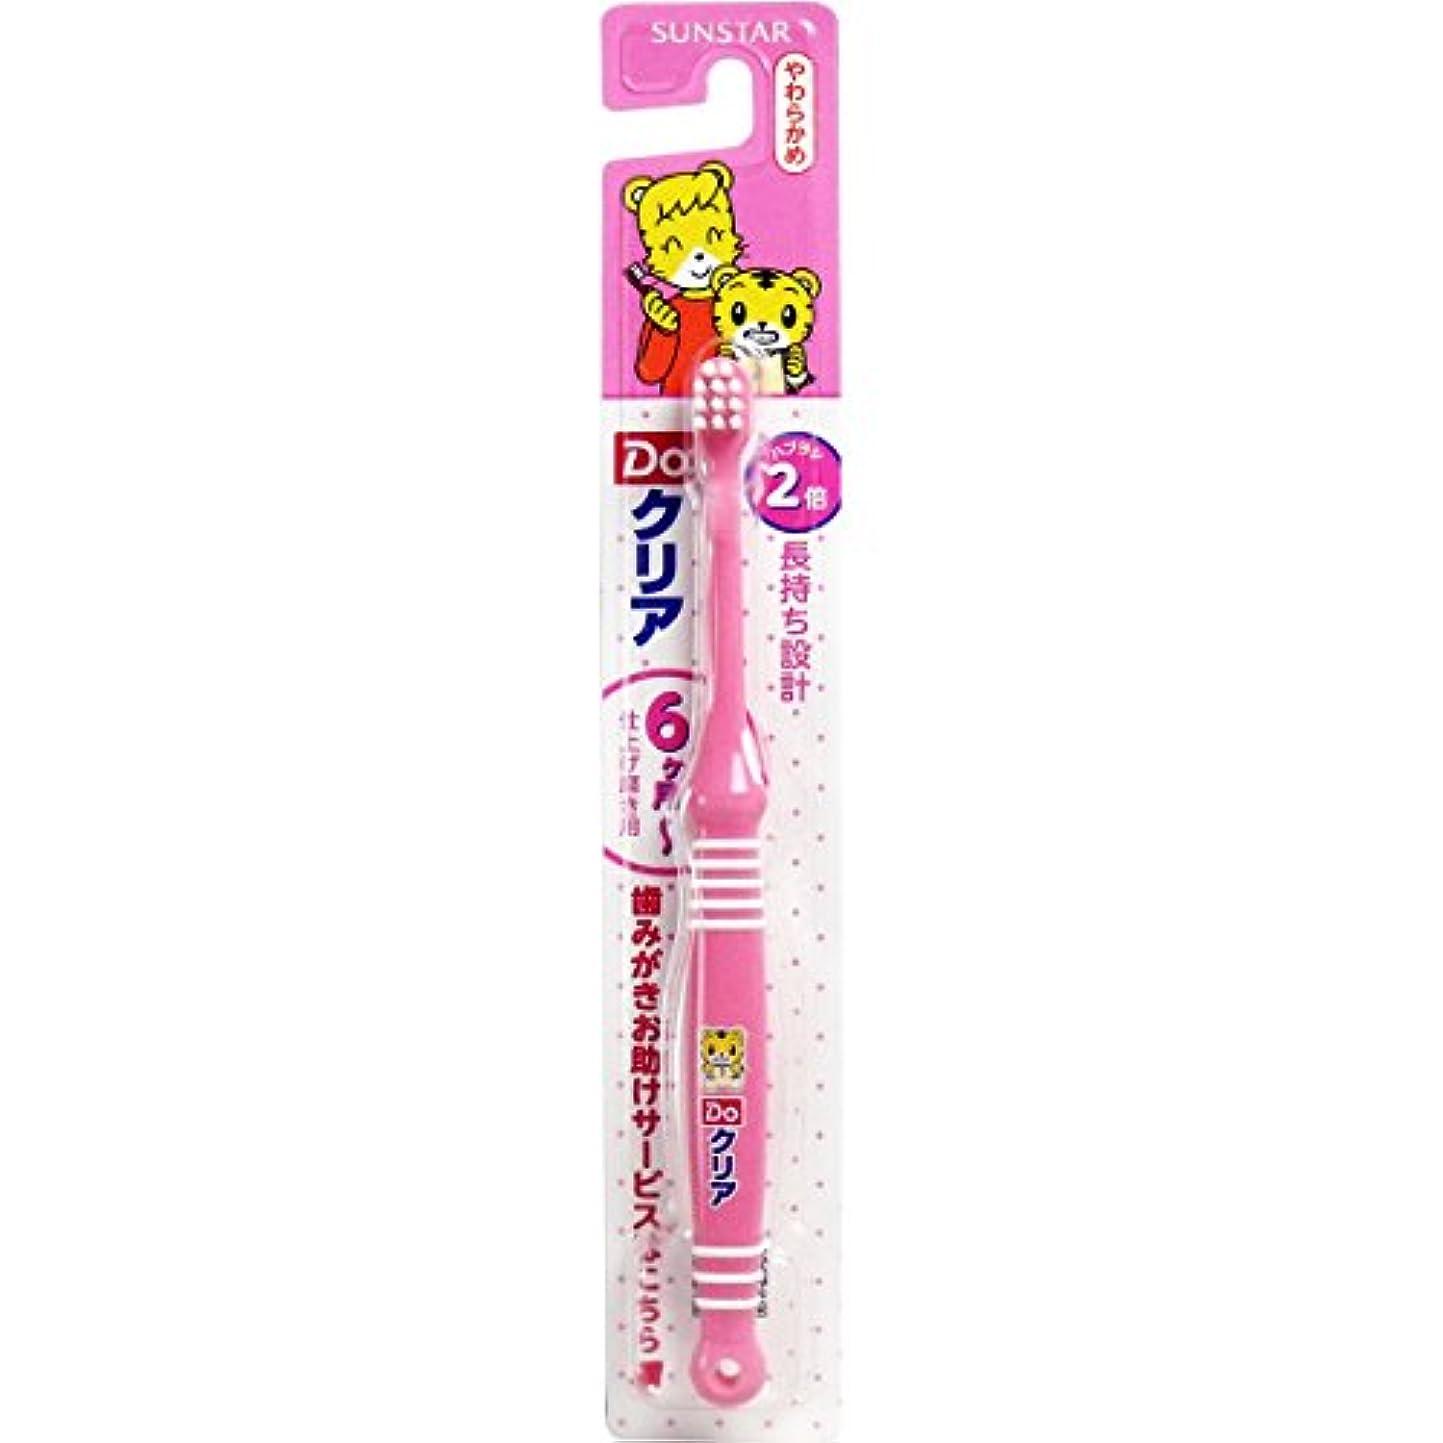 ピストンモーション排泄するDoクリア こどもハブラシ 仕上げ磨き用 6か月 やわらかめ:ピンク